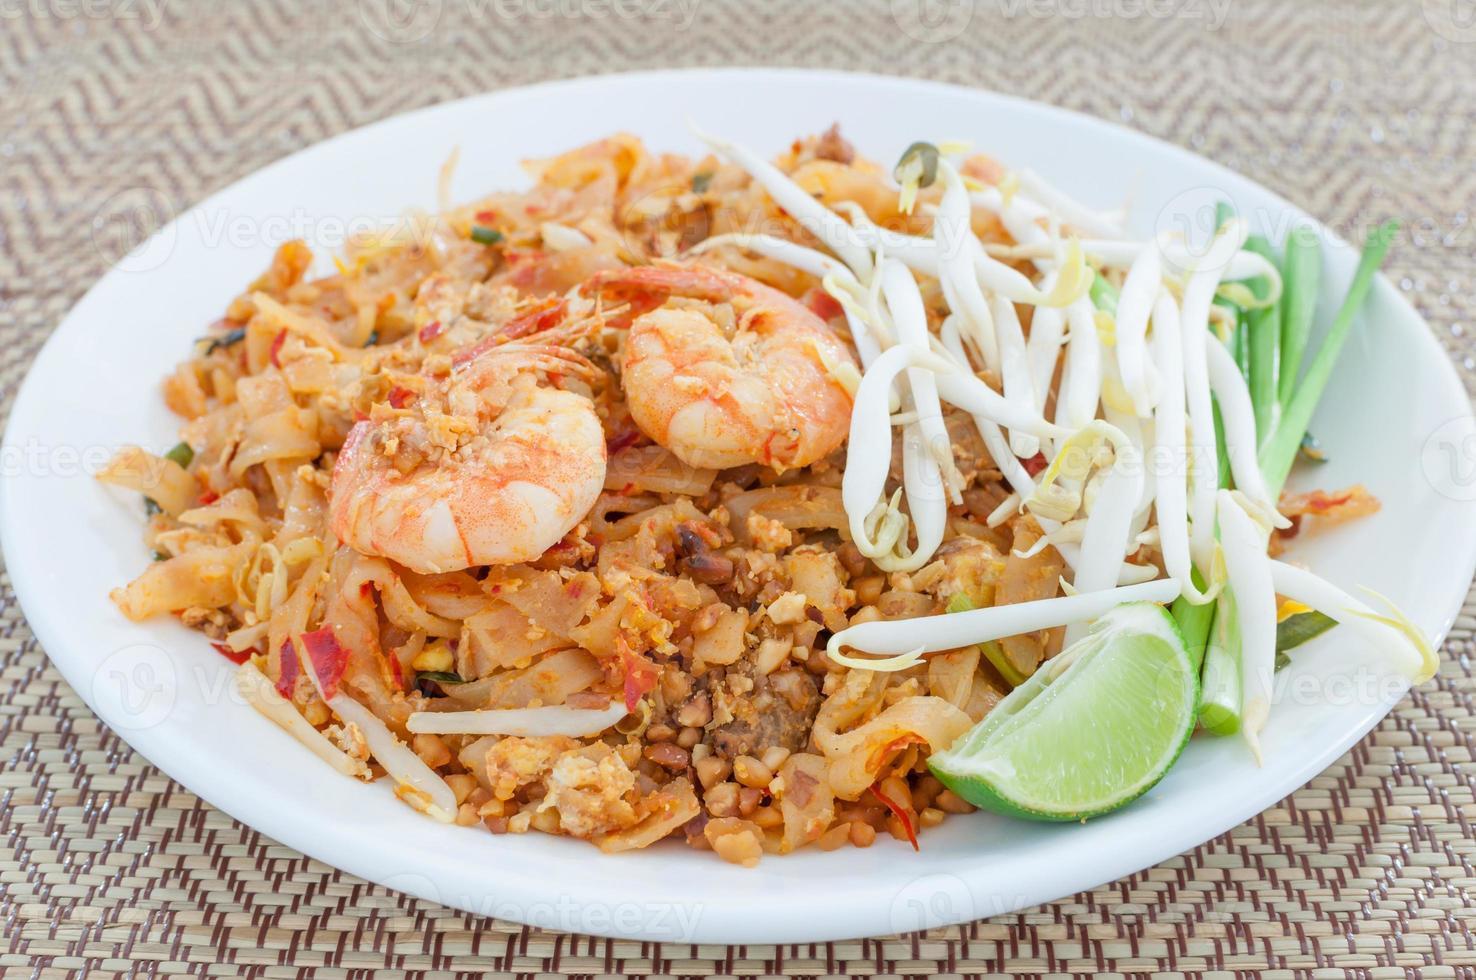 fideos fritos al estilo tailandés con langostinos (pad thai) foto